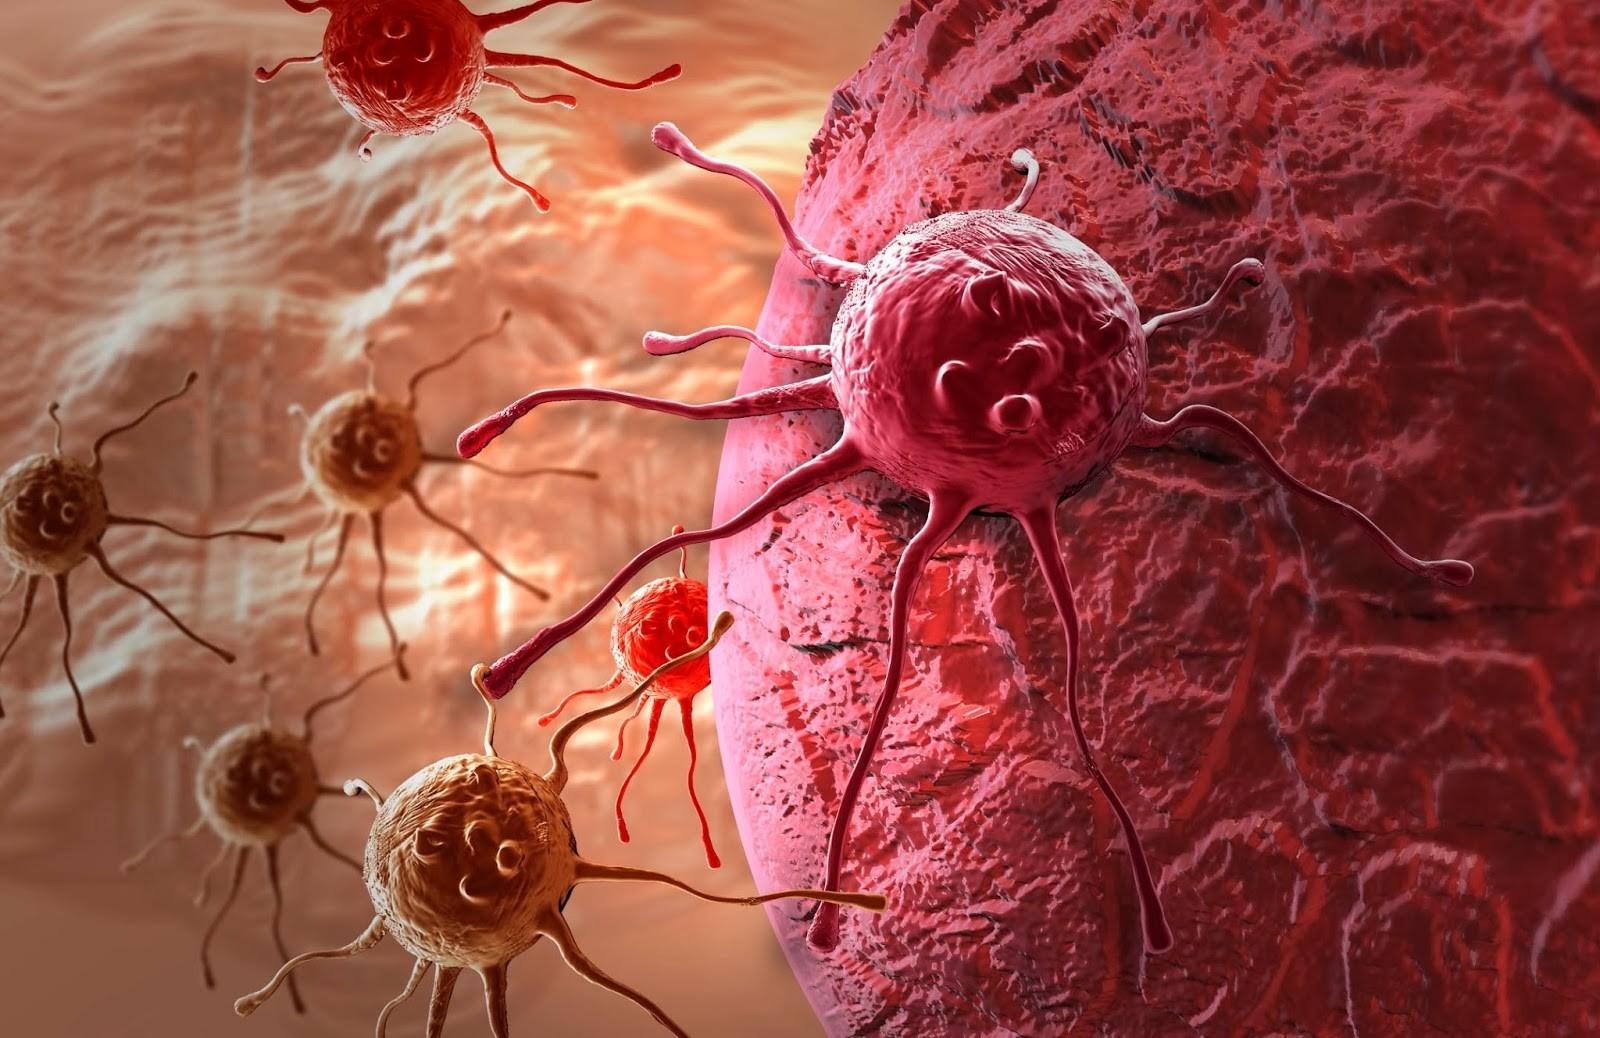 Ученые из Новосибирска тестируют новый препарат, способный убивать рак